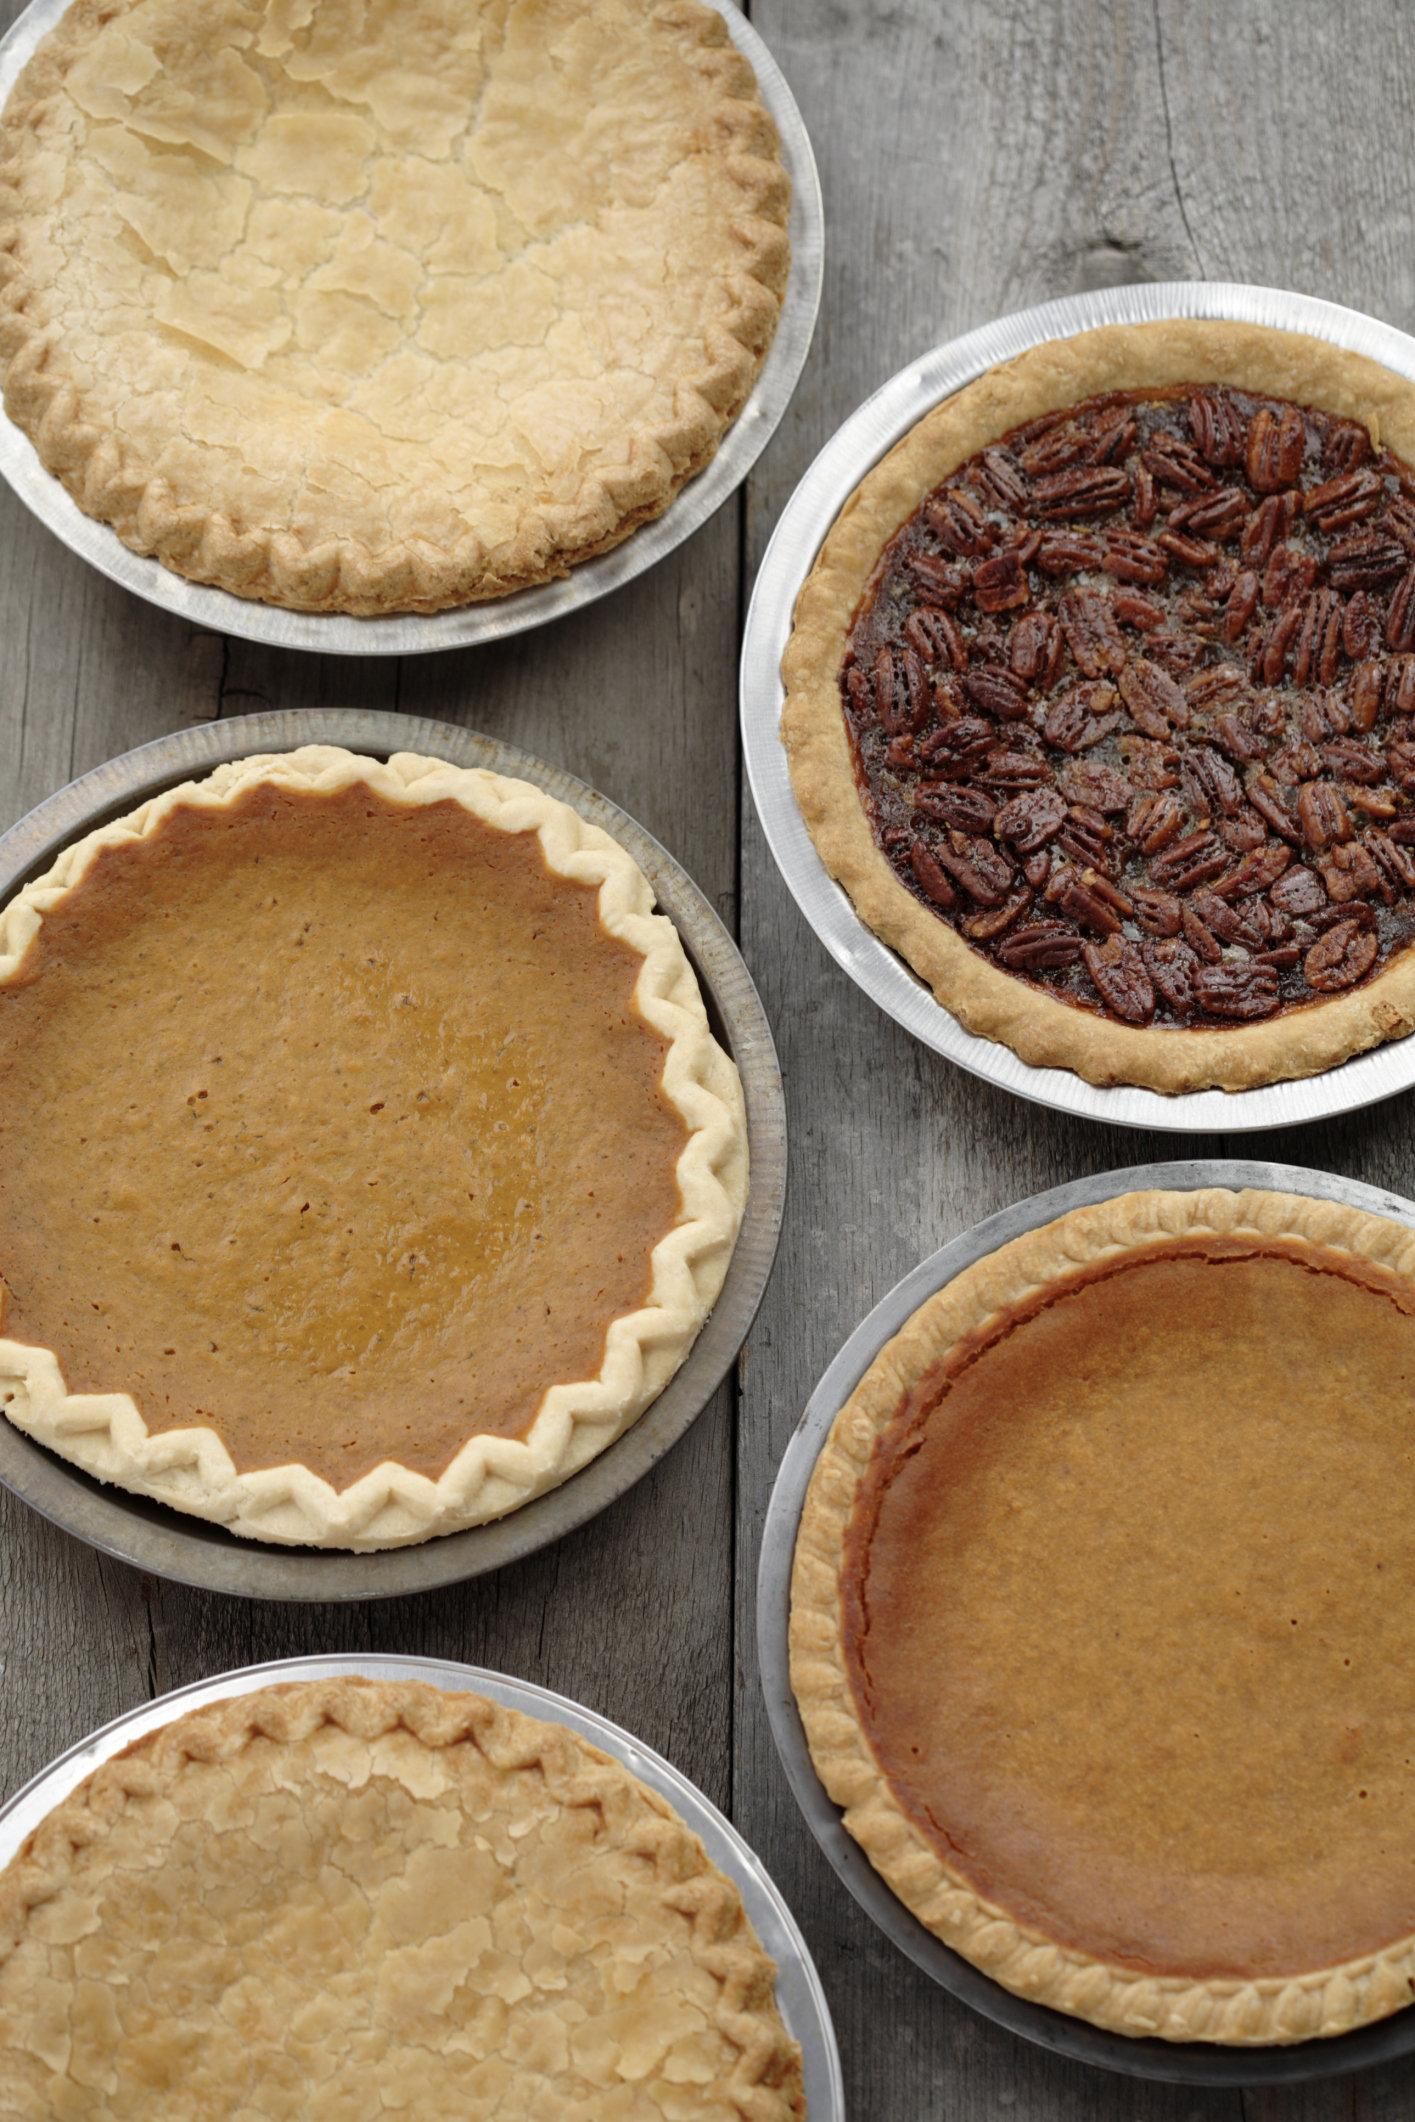 Variety of fresh, homemade pies